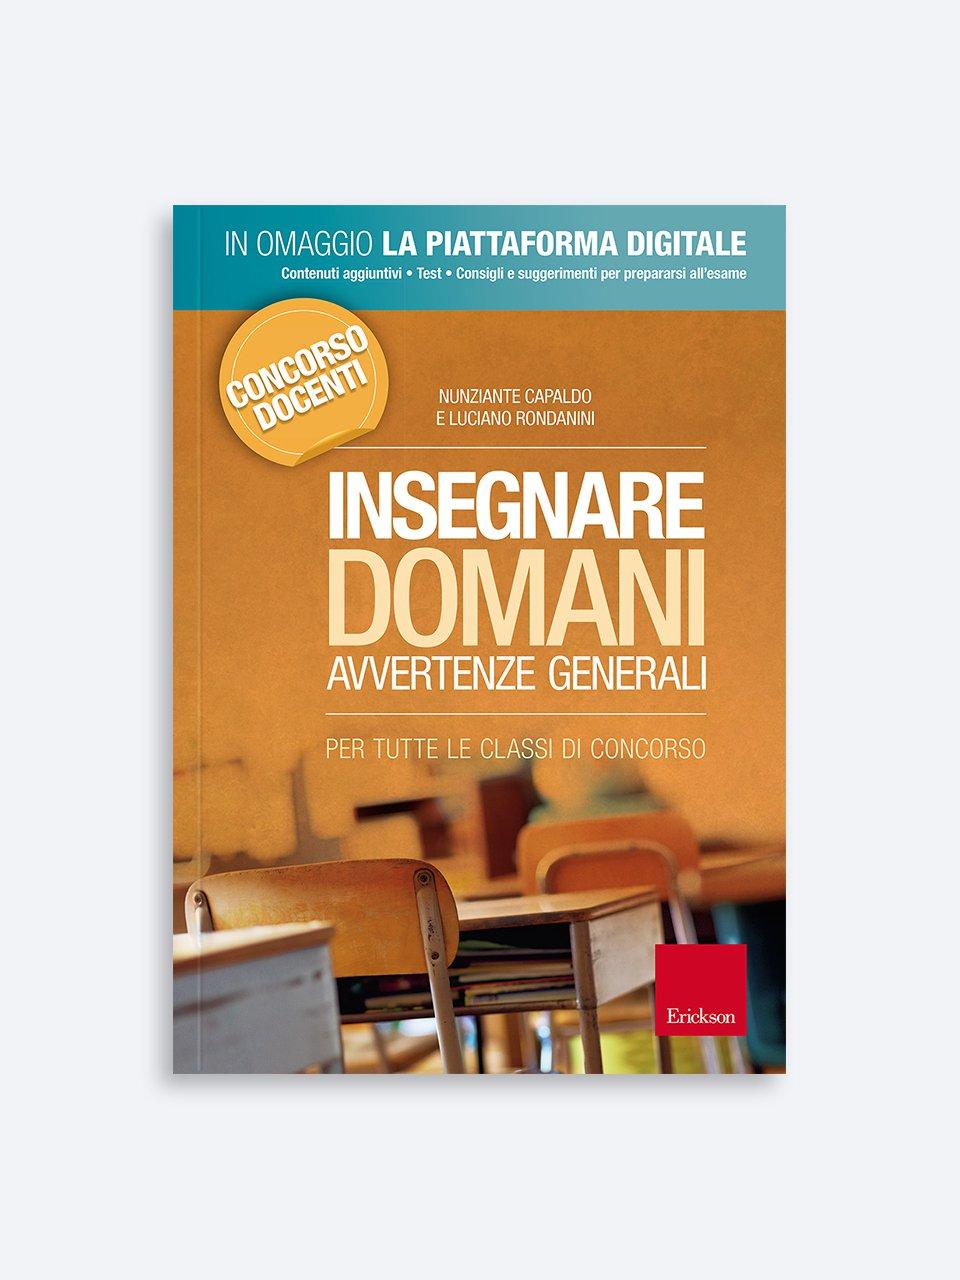 Insegnare Domani - Avvertenze generali Libro + Risorse Online - Erickson Eshop